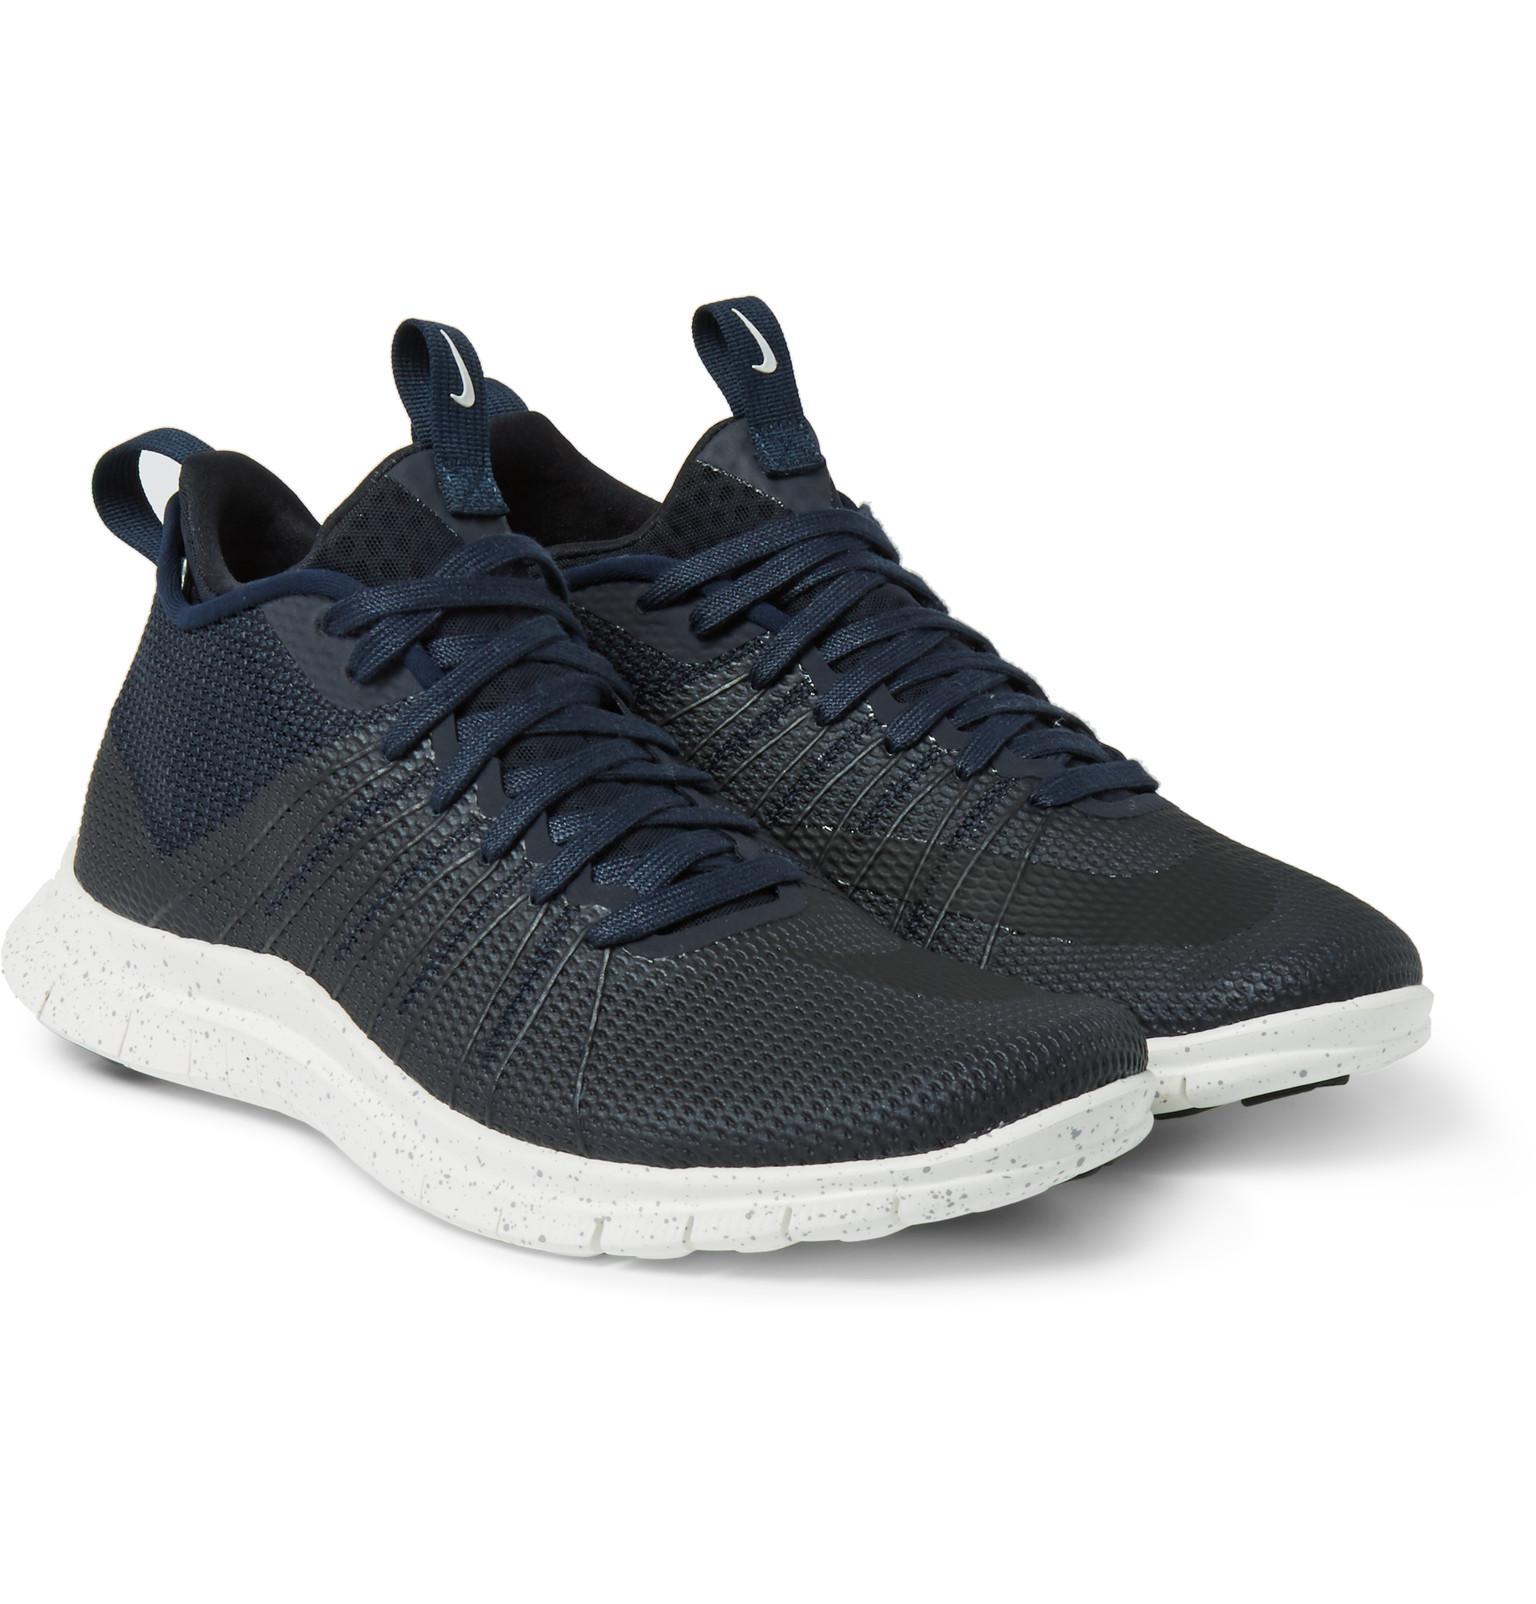 844e95796642 Nike Free Hypervenom 2 Fs Coated Mesh Sneakers in Black for Men - Lyst